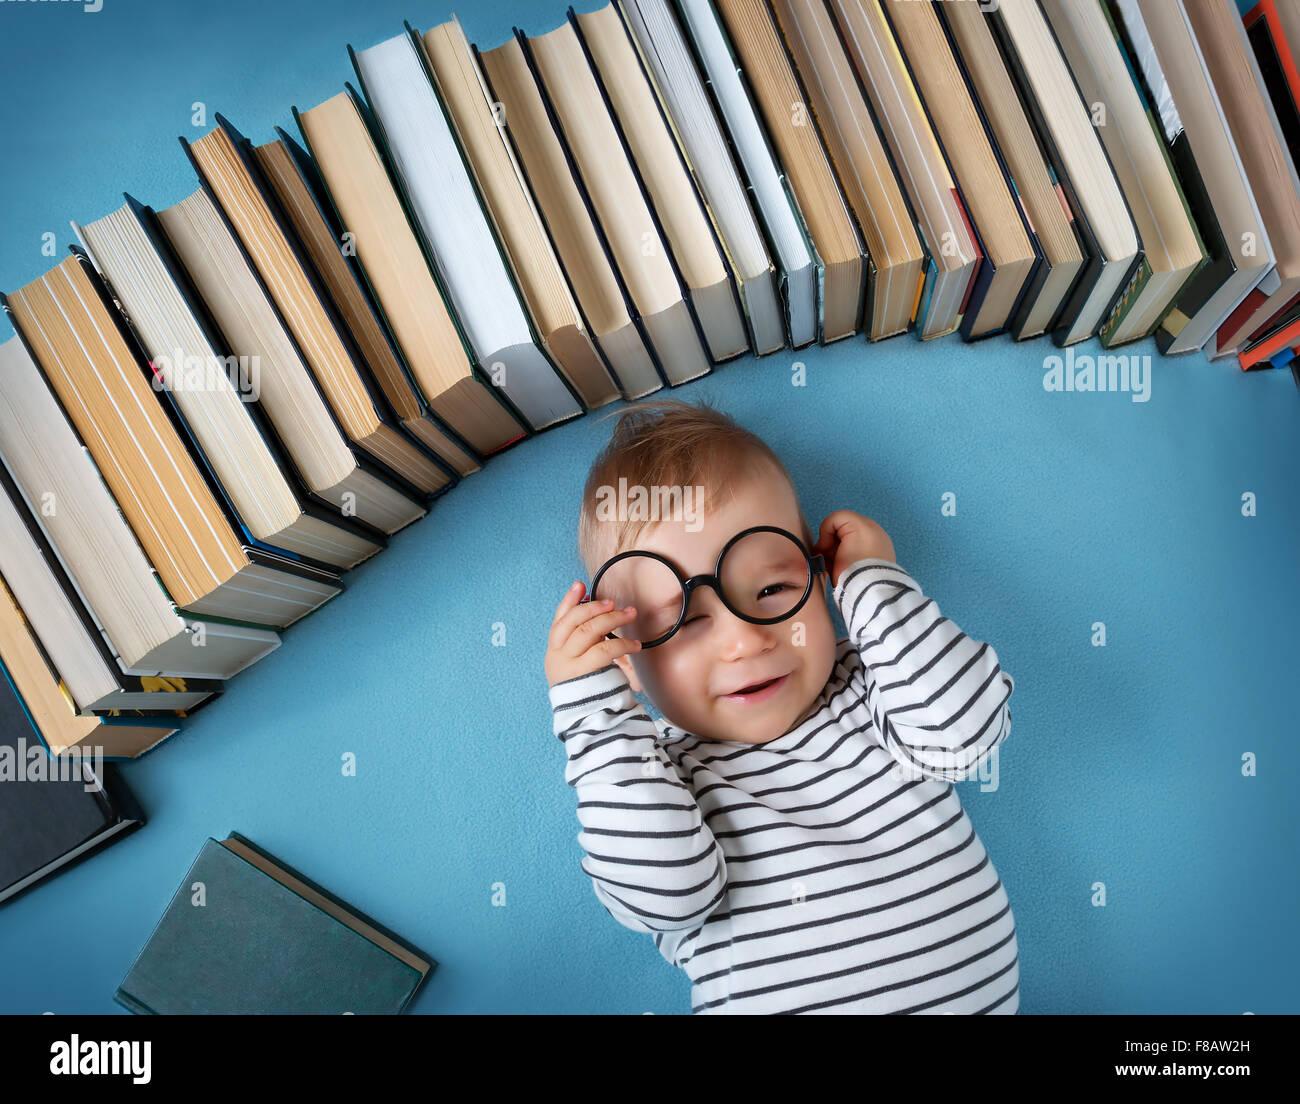 Un an bébé avec spectackles et livres Photo Stock